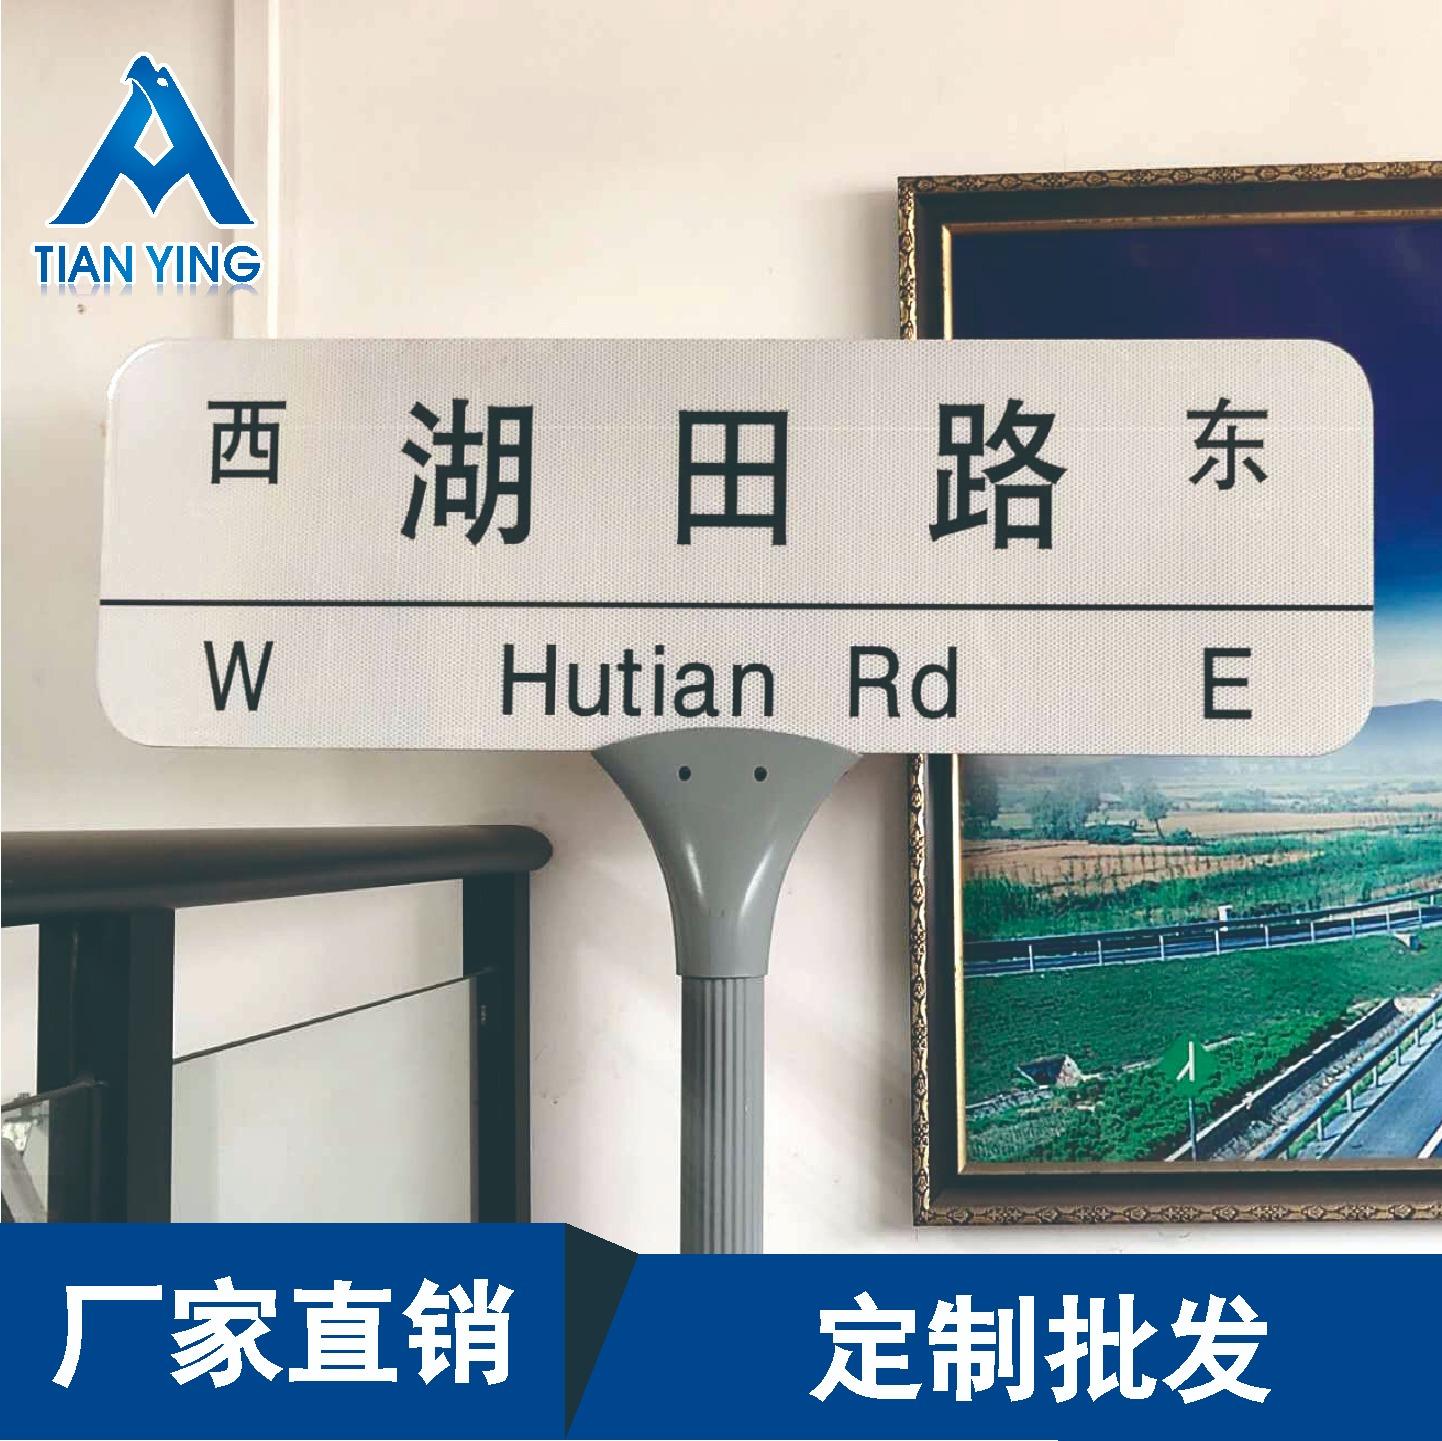 深圳新標準路名牌